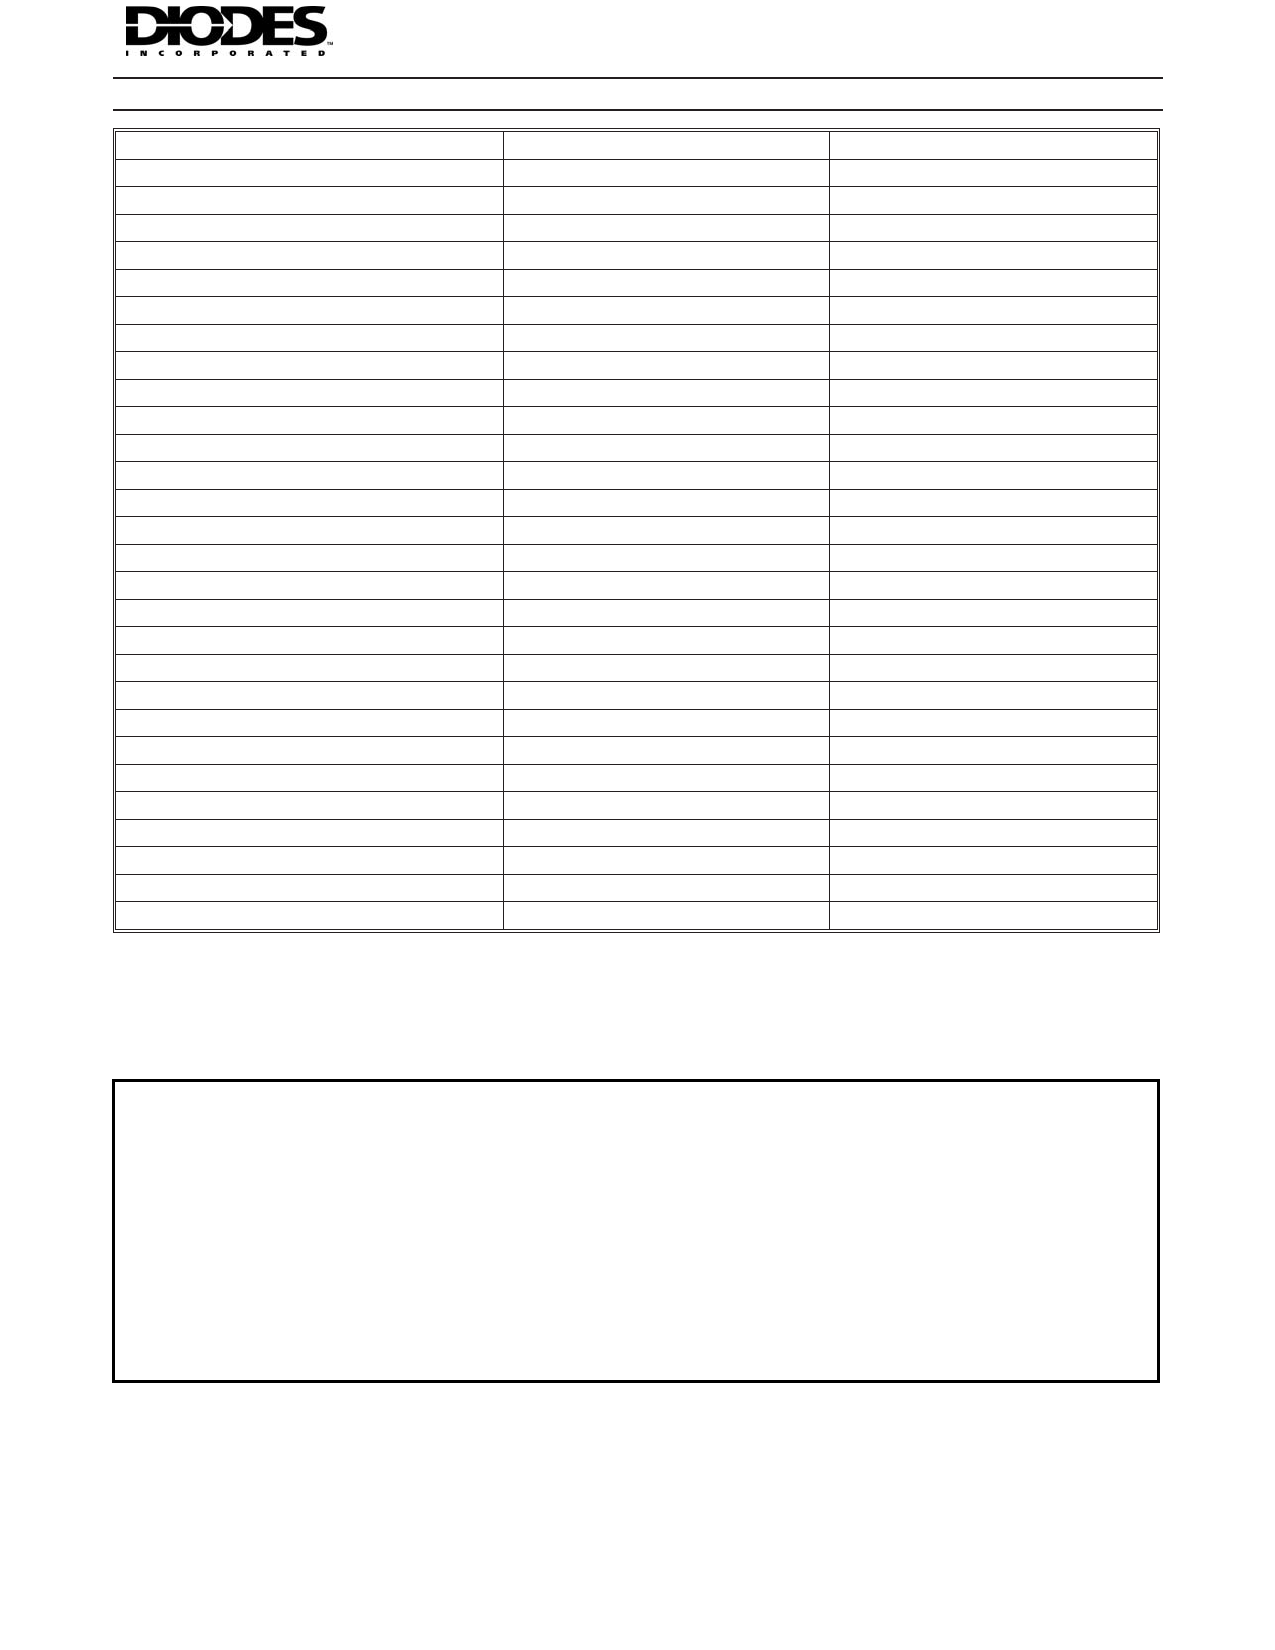 1N4004G pdf, ピン配列